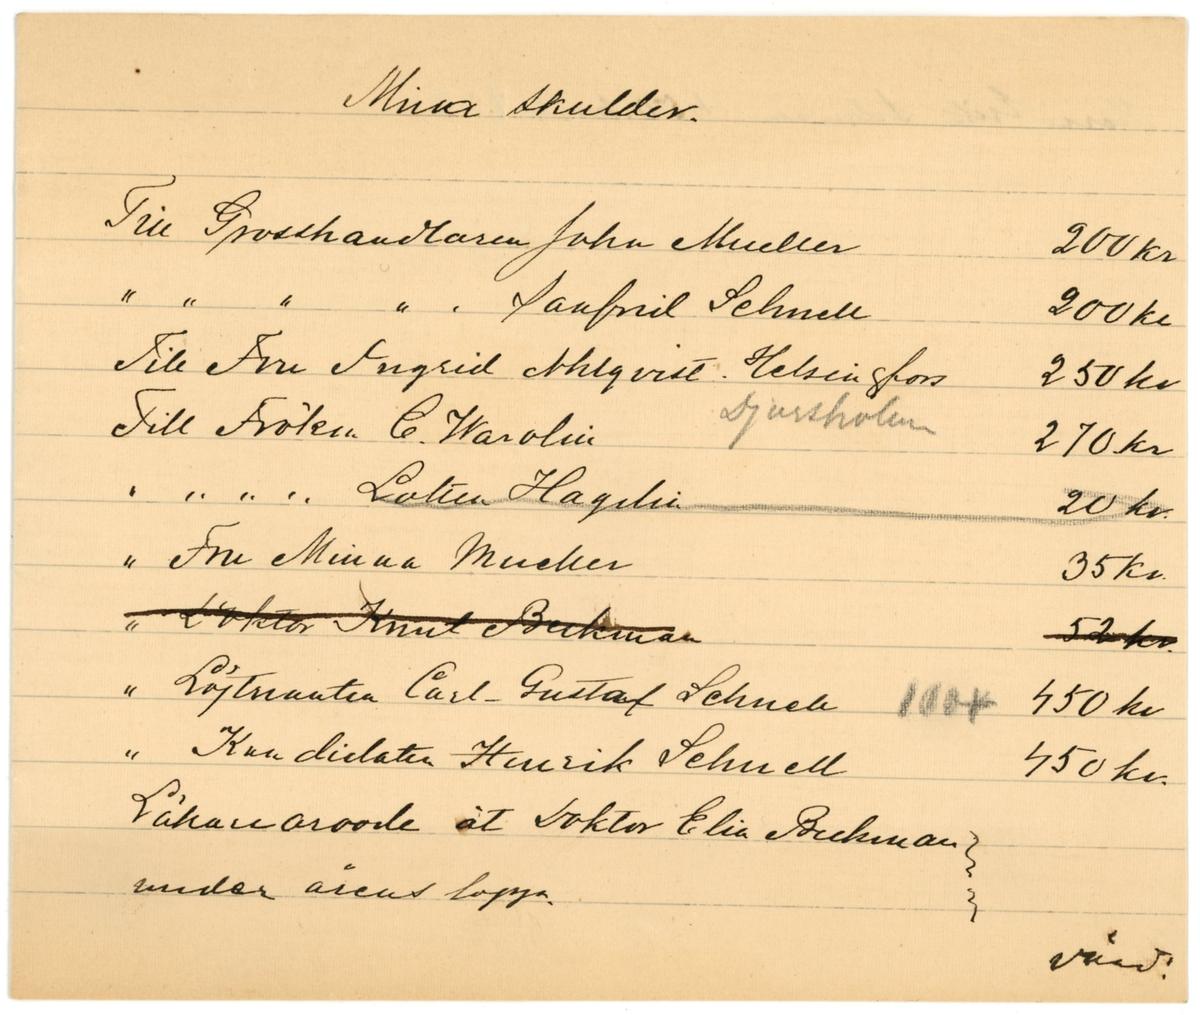 """En papperslapp med texten """"Mina skulder"""", följt av namn och olika summor pengar. Ett namn och en summa är överstruken. Hittades i en lädermapp som tillhörde Ester Hammarstedt."""